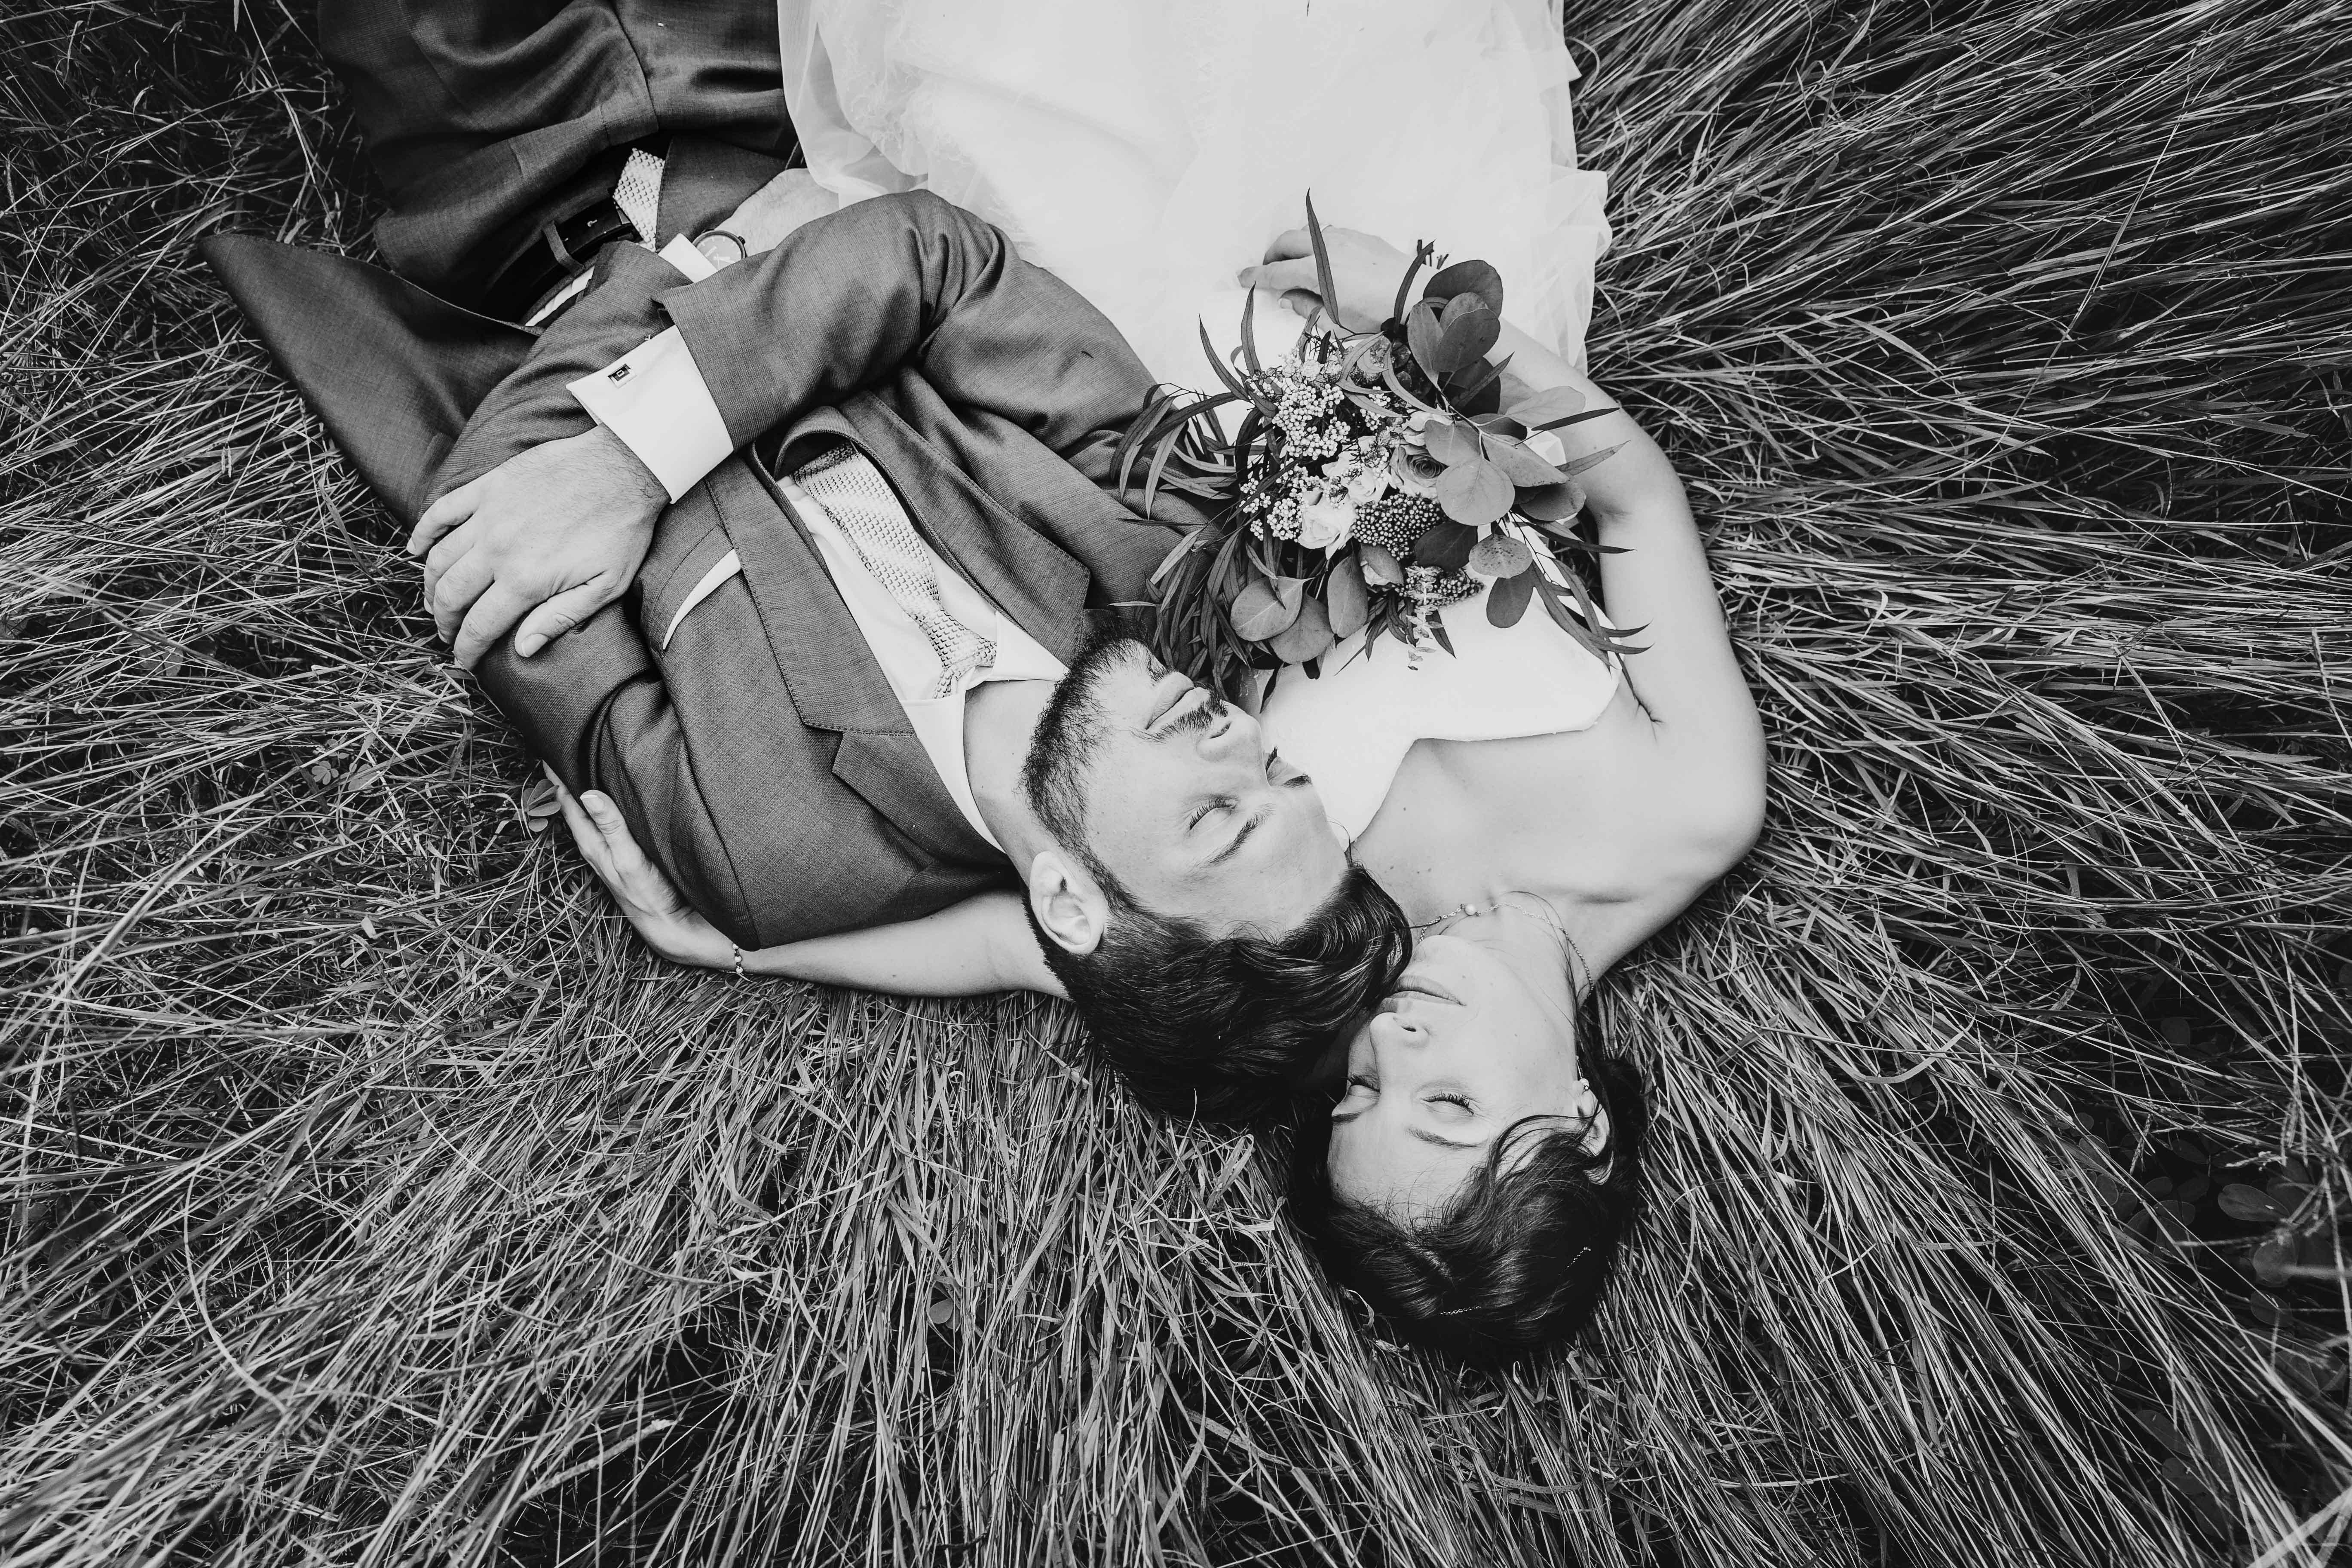 photo noir et blanc, les mariés sont allongés dans l'herbe les yeux fermés